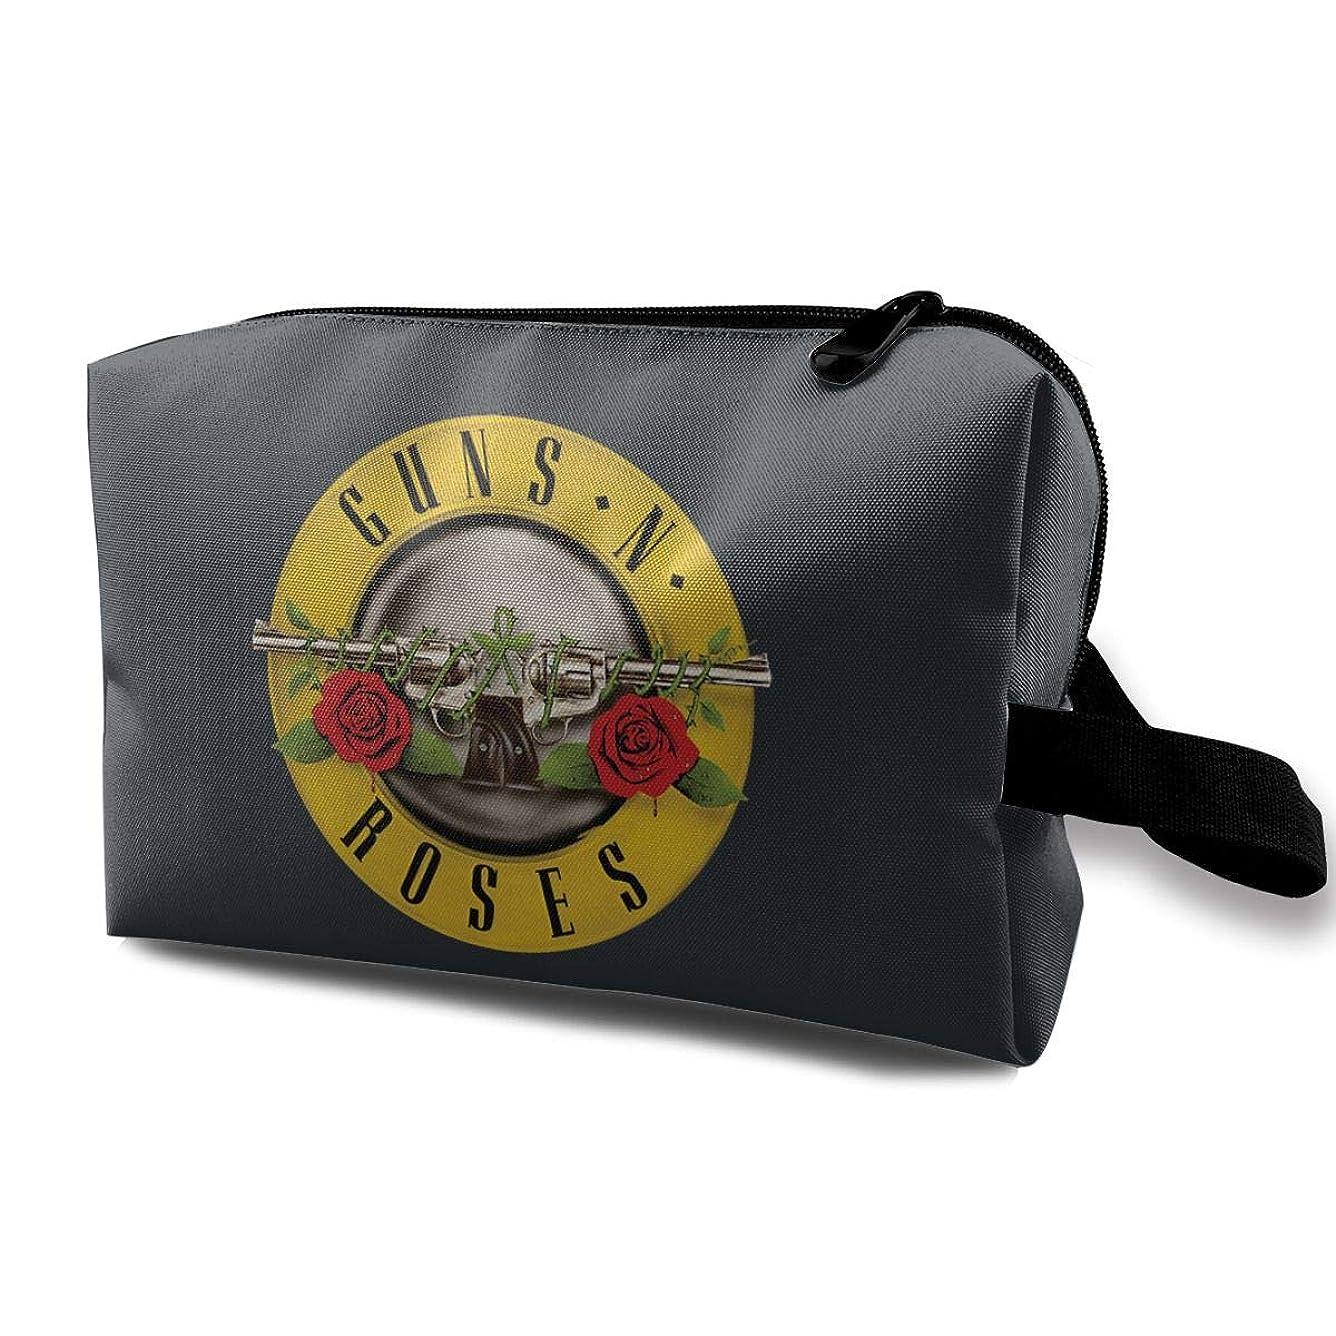 社会学絶縁する困った化粧ポーチ メイクポーチ 小物入れ コスメ 高品質 大容量 旅行バッグ 普段使い 軽量 使い便利 メイクボックス スポーツ 贈り物 GNR Guns N' Roses Logo